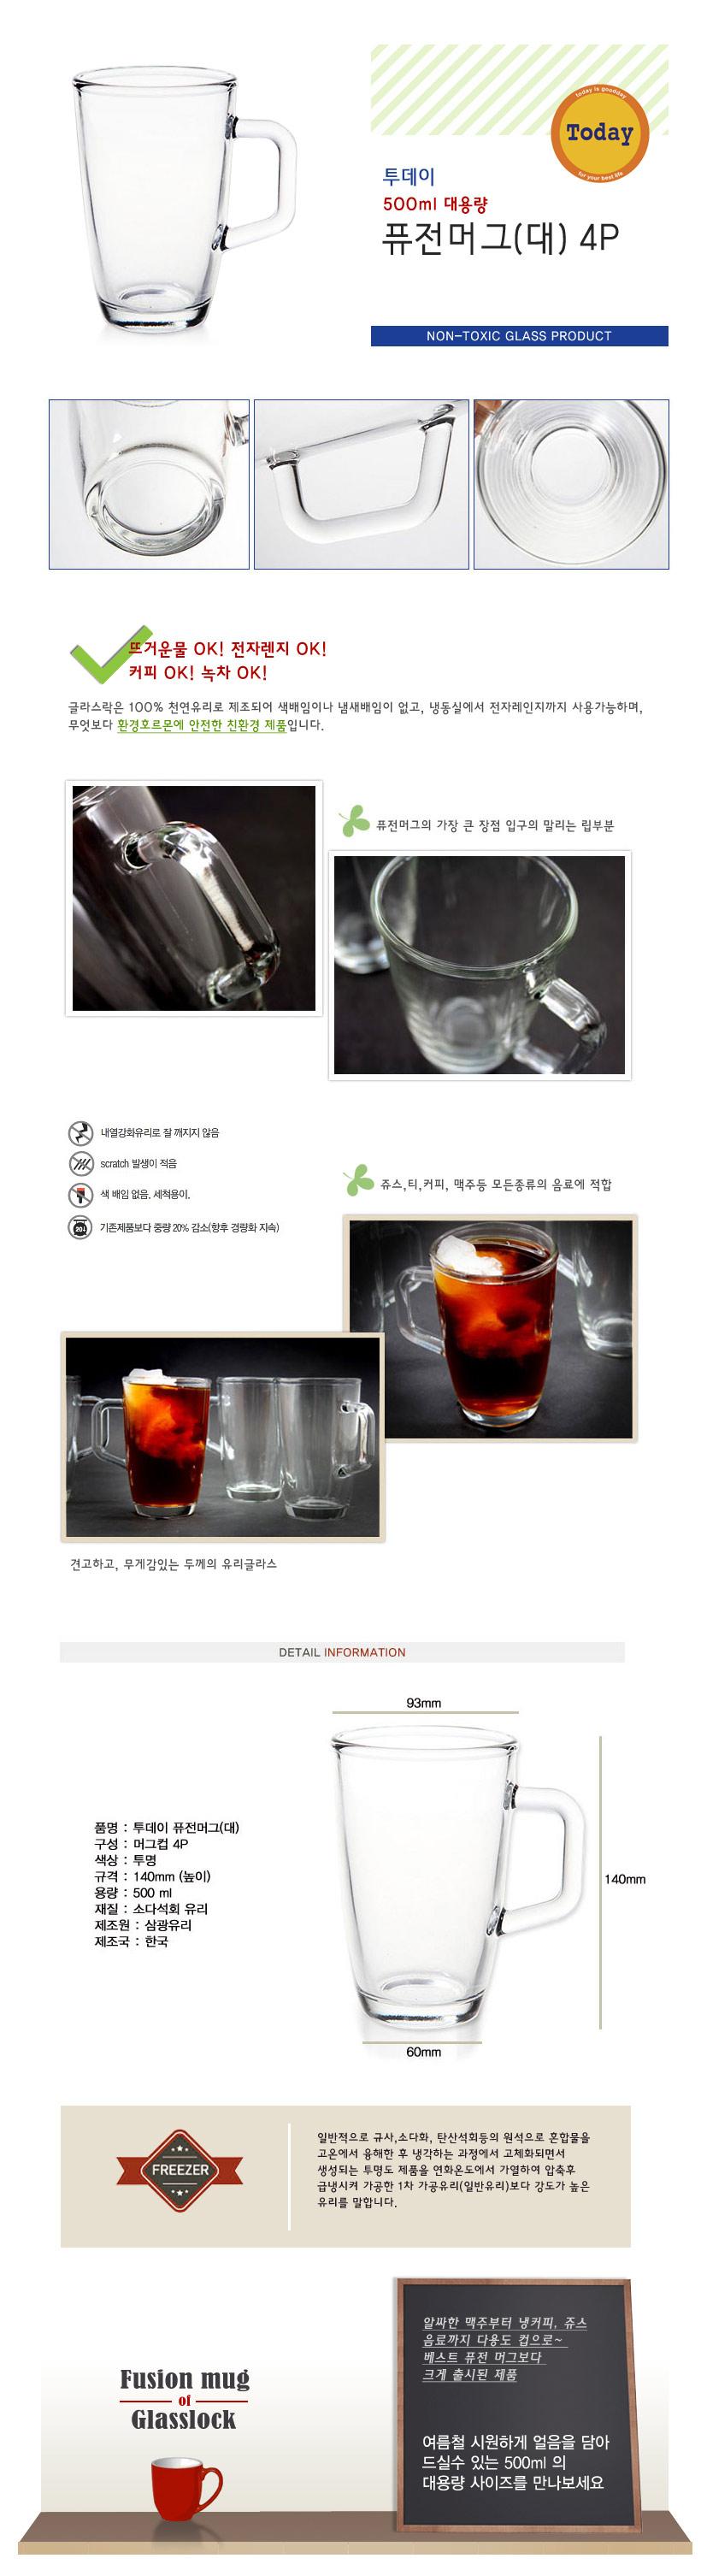 글라스락 유리머그잔 대 4P - 재미있는생활, 18,000원, 머그컵, 심플머그